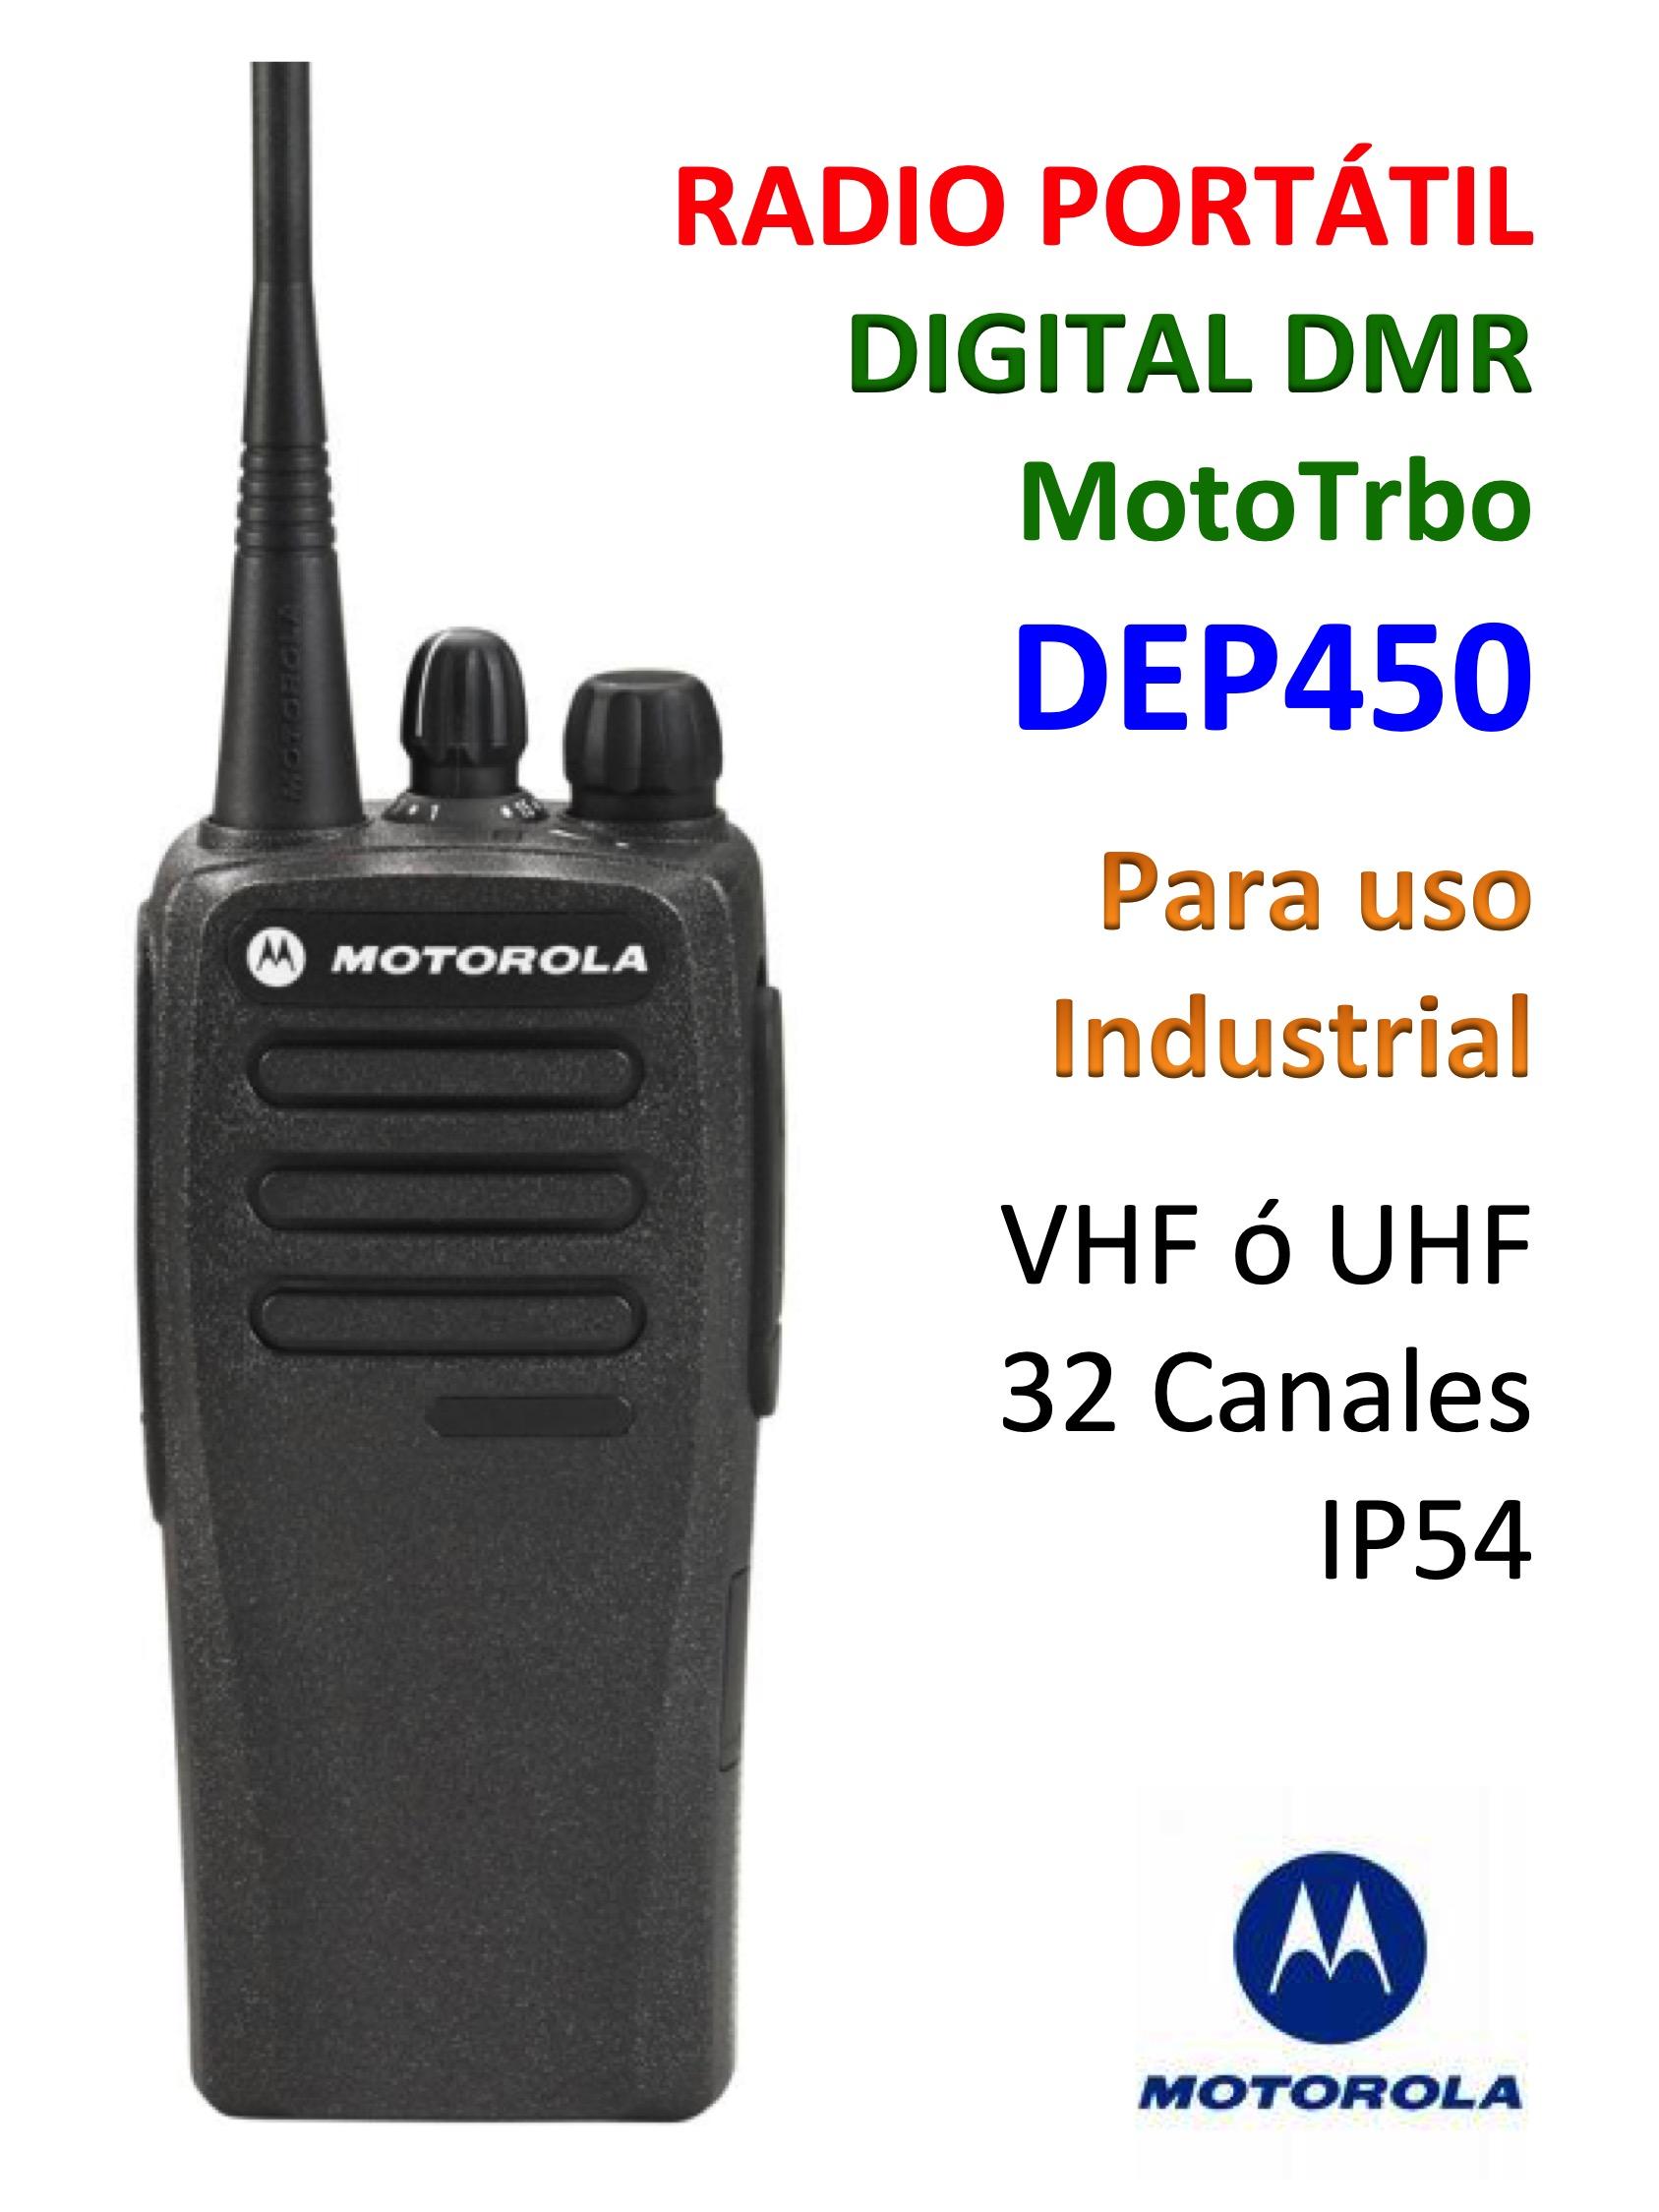 DEP450 Digital